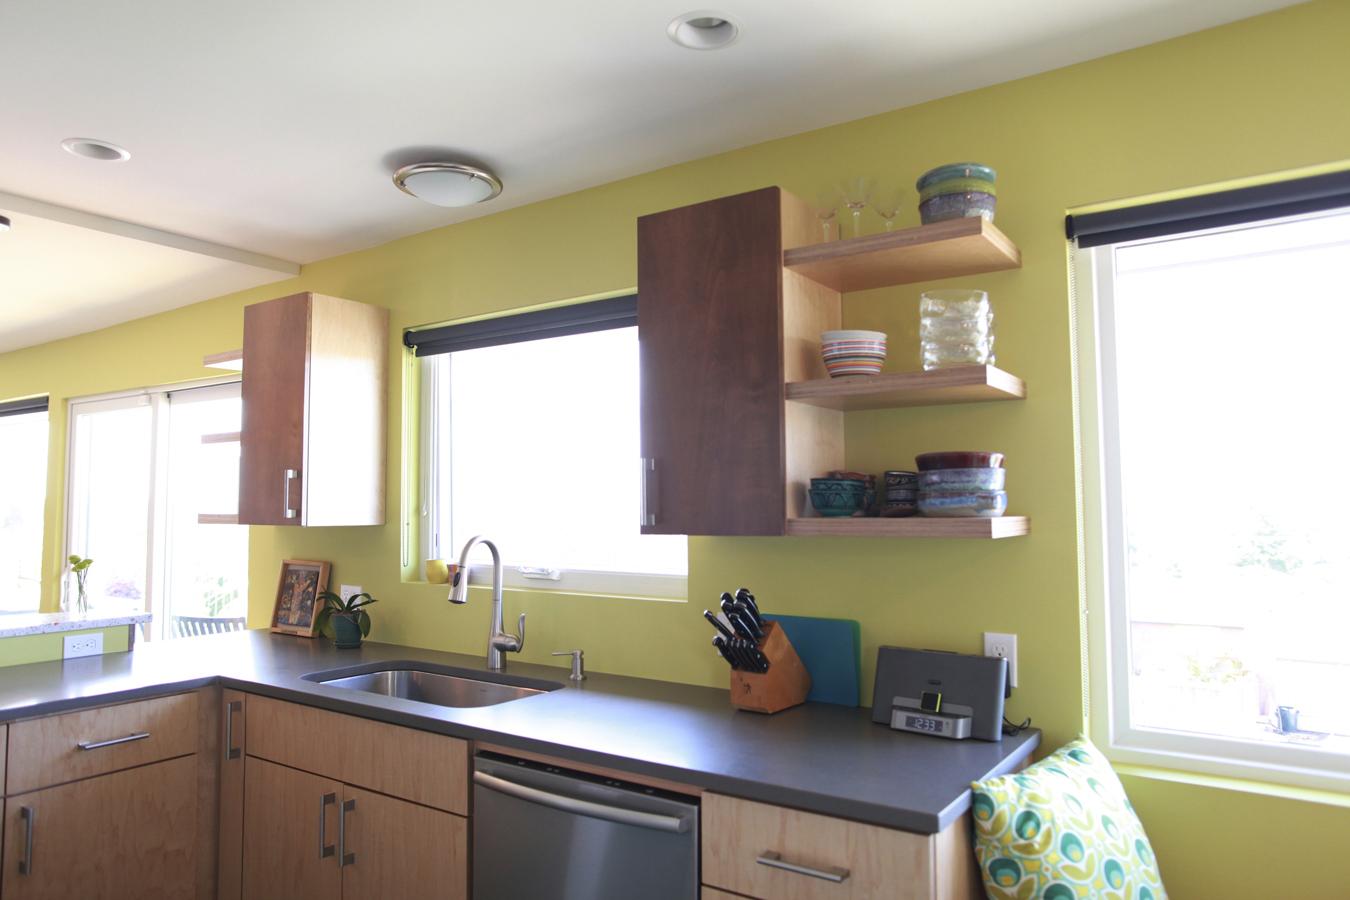 Cheery WS kitchen sink counter | LD Arch Design